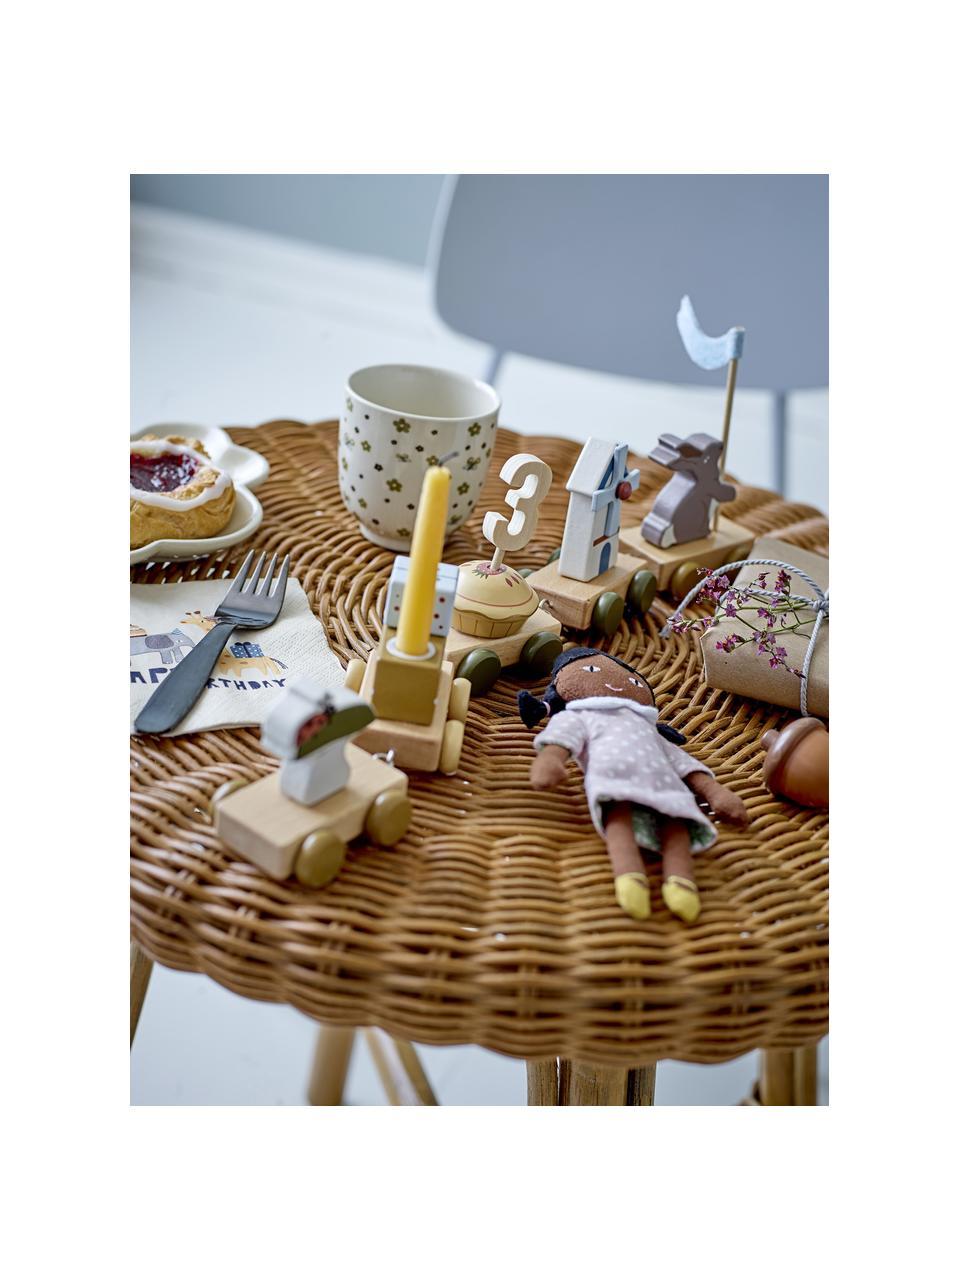 Kindergeschirr Harvest aus Steingut, 3-tlg., Steingut, Beige, Mehrfarbig, Set mit verschiedenen Größen